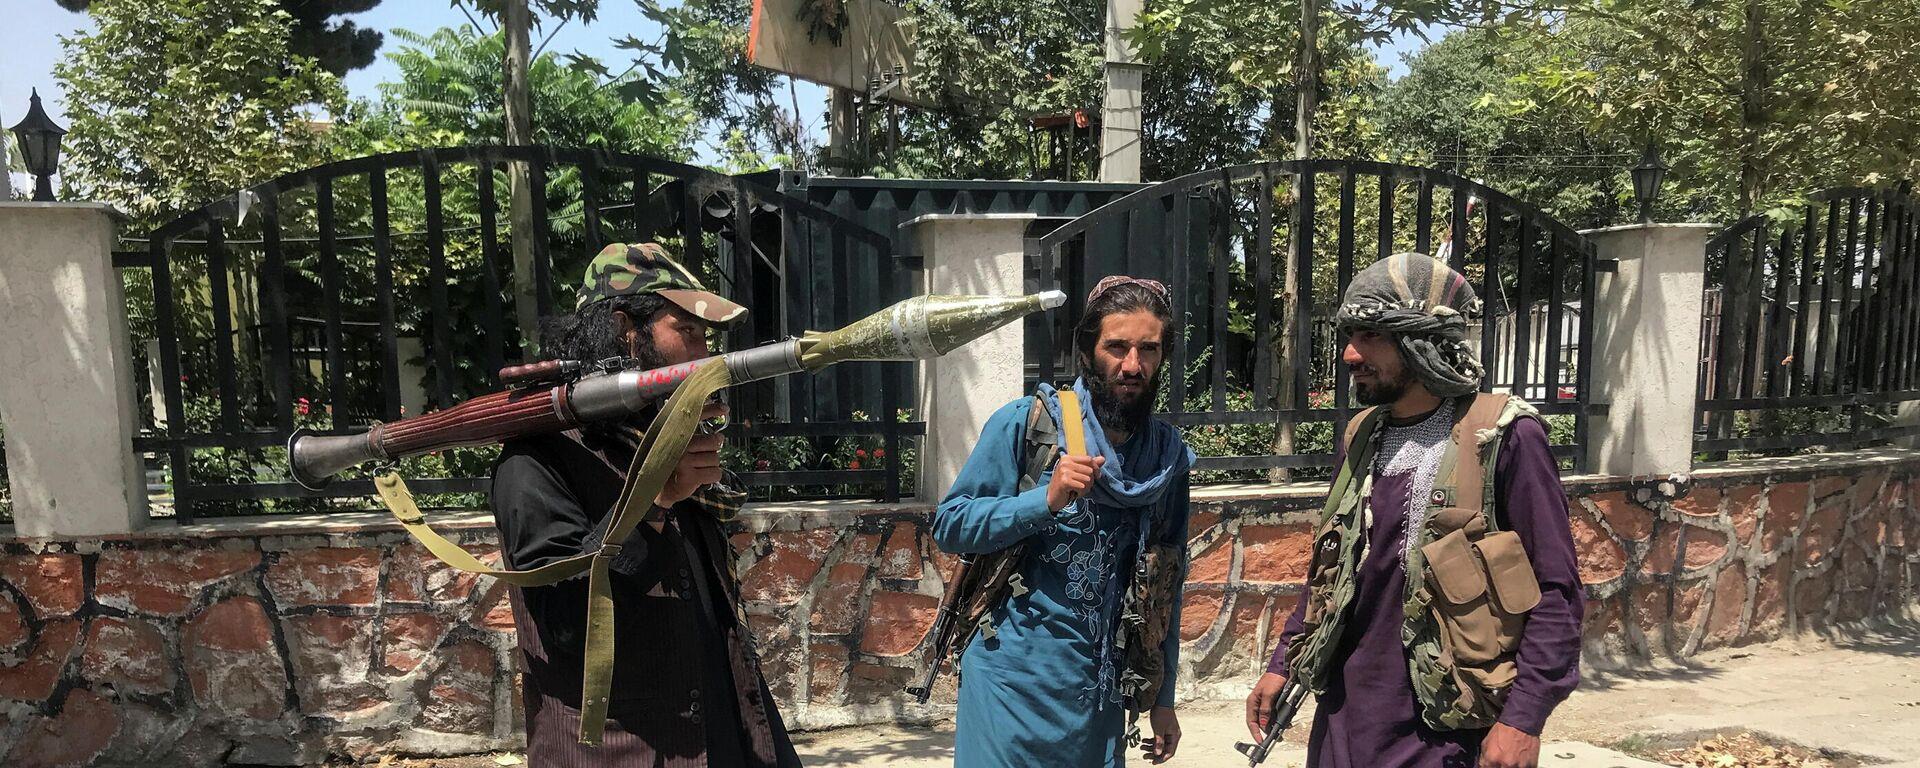 Militanti pokreta Taliban u Kabulu - Sputnik Srbija, 1920, 16.08.2021